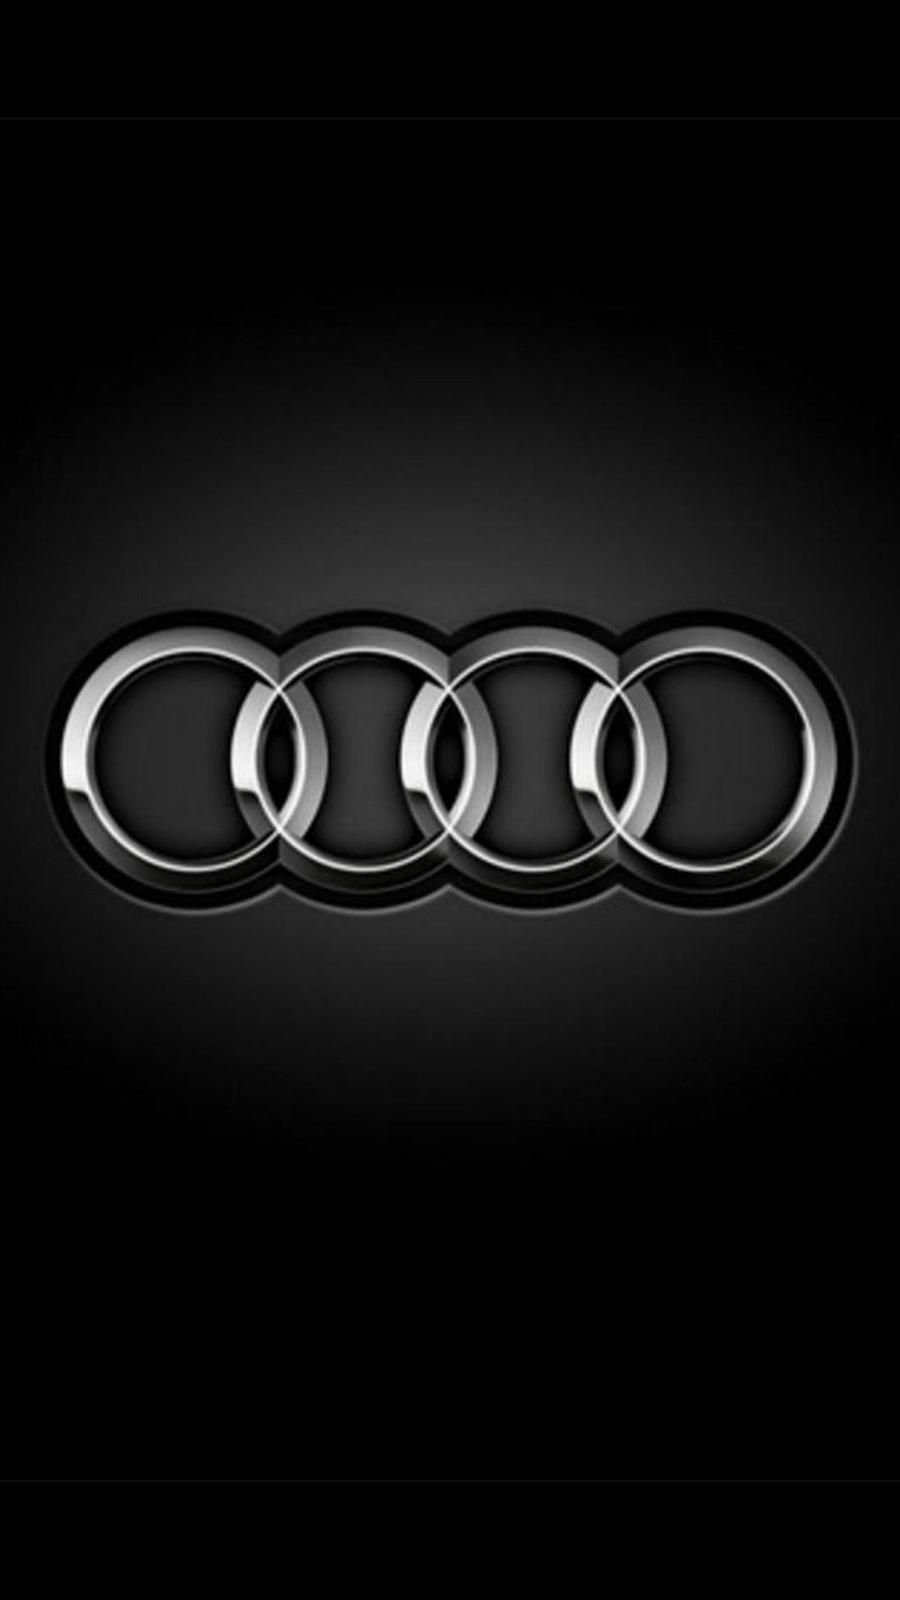 Audi Logo Rings Dark Wallpapers